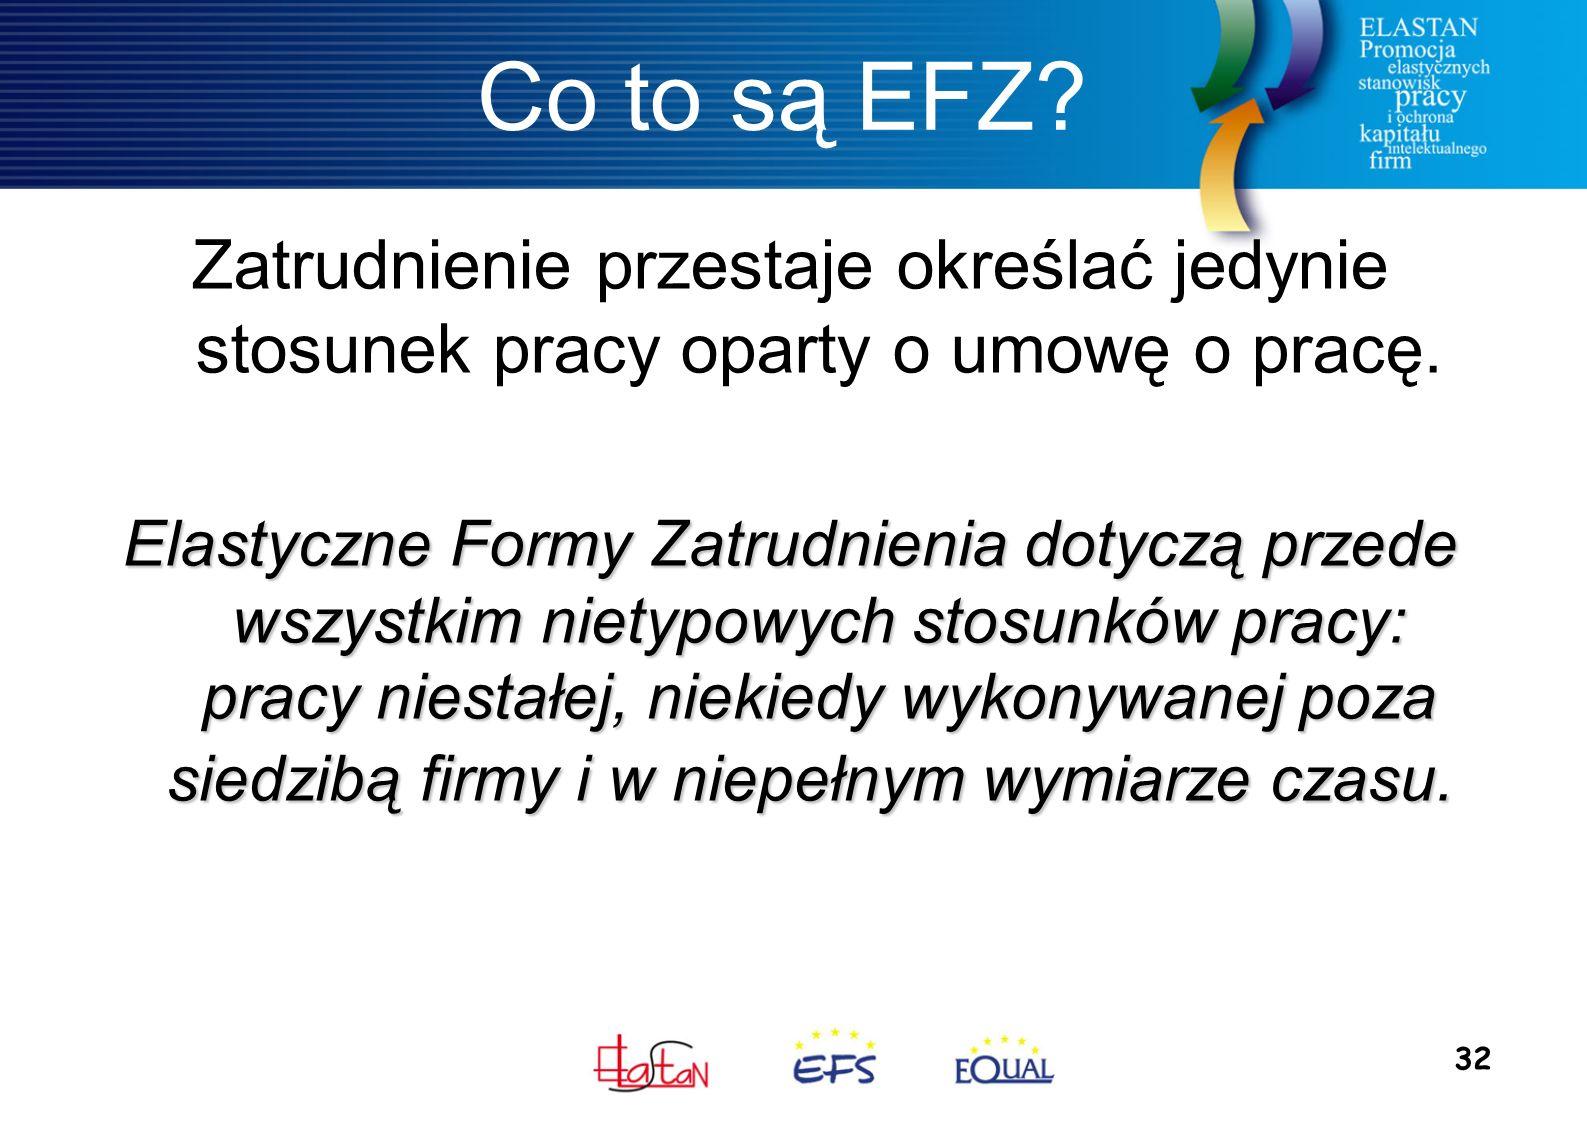 32 Co to są EFZ? Zatrudnienie przestaje określać jedynie stosunek pracy oparty o umowę o pracę. Elastyczne Formy Zatrudnienia dotyczą przede wszystkim